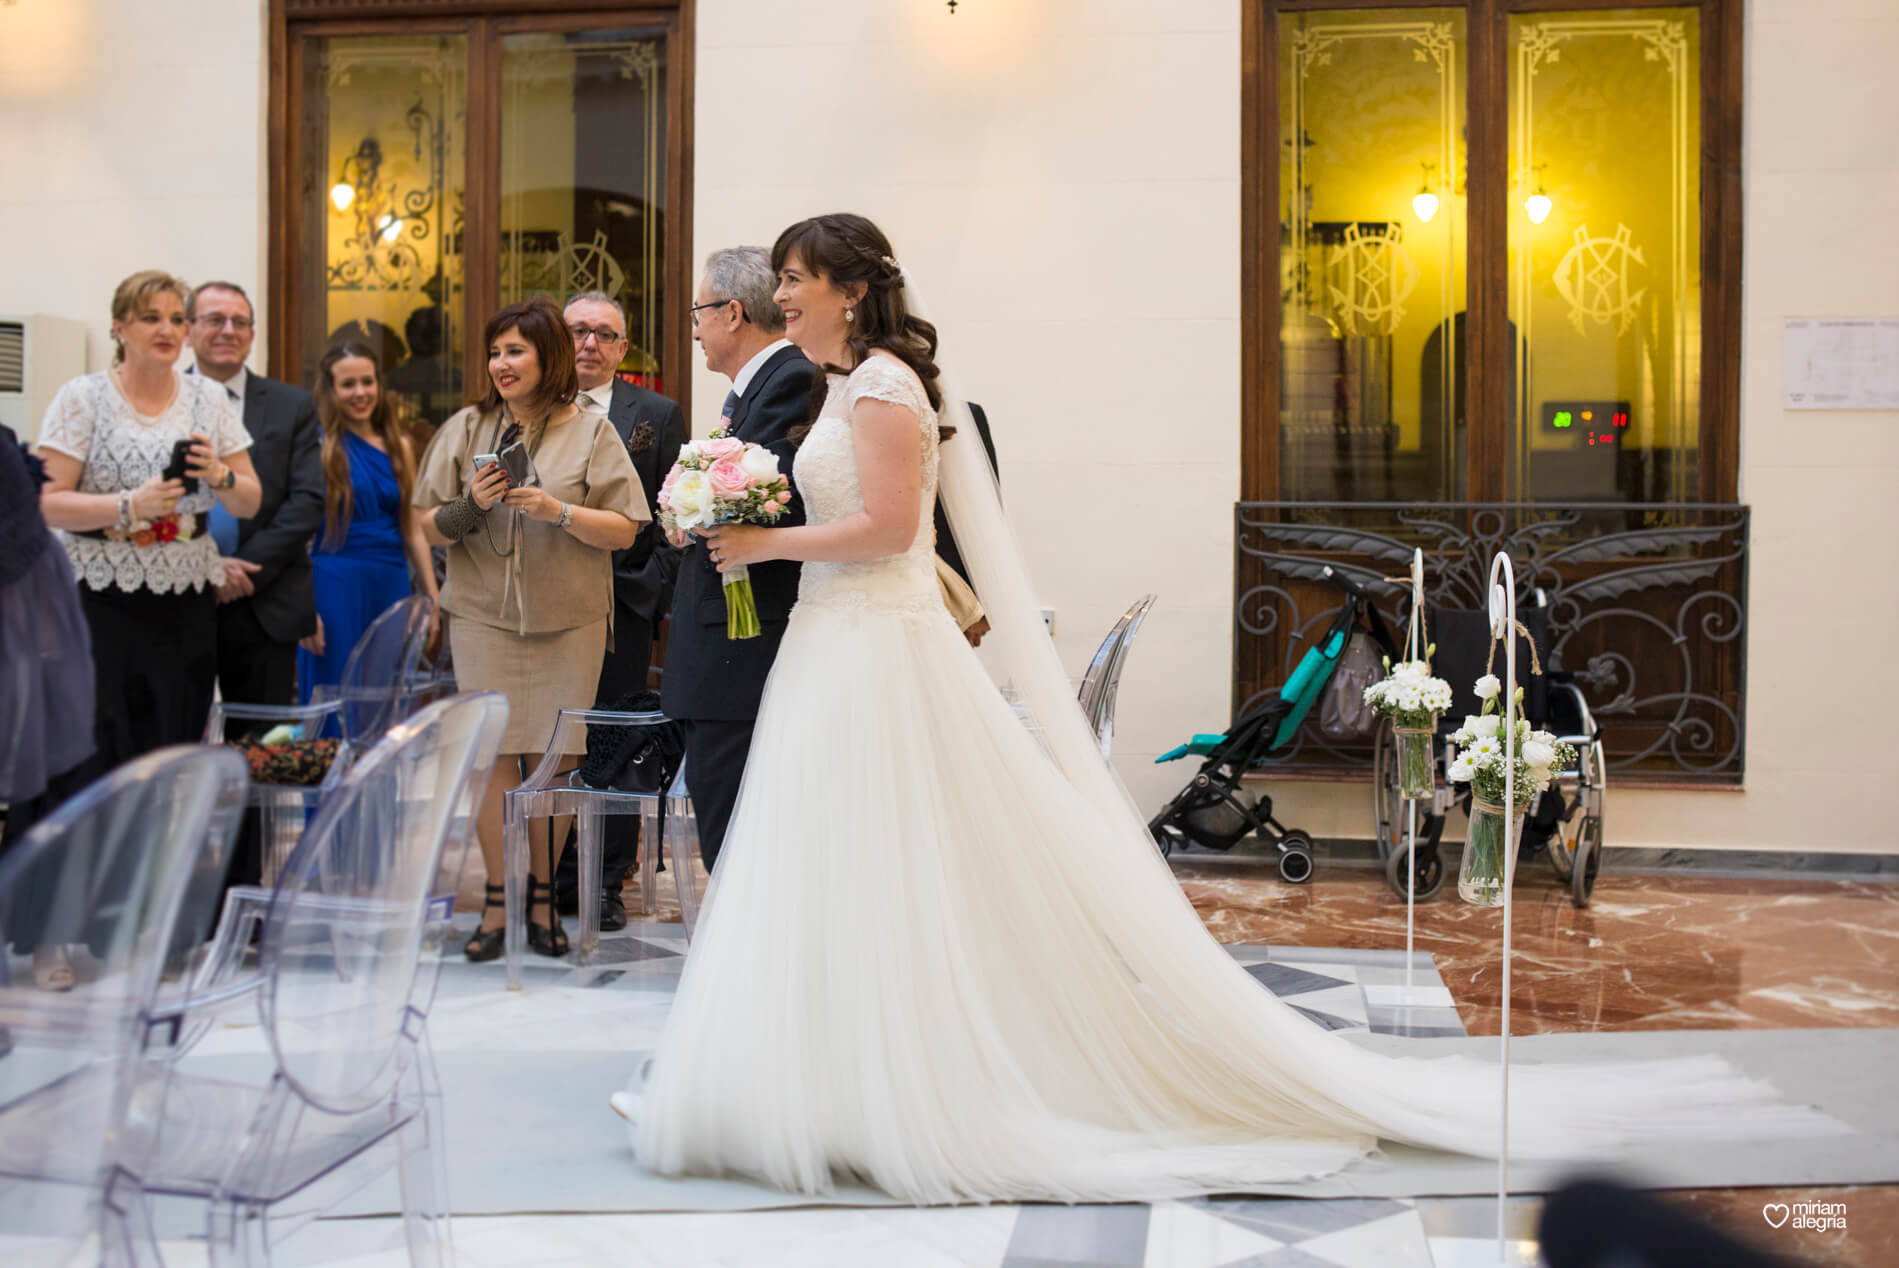 boda-civil-en-el-casino-de-murcia-miriam-alegria-fotografos-de-boda-22